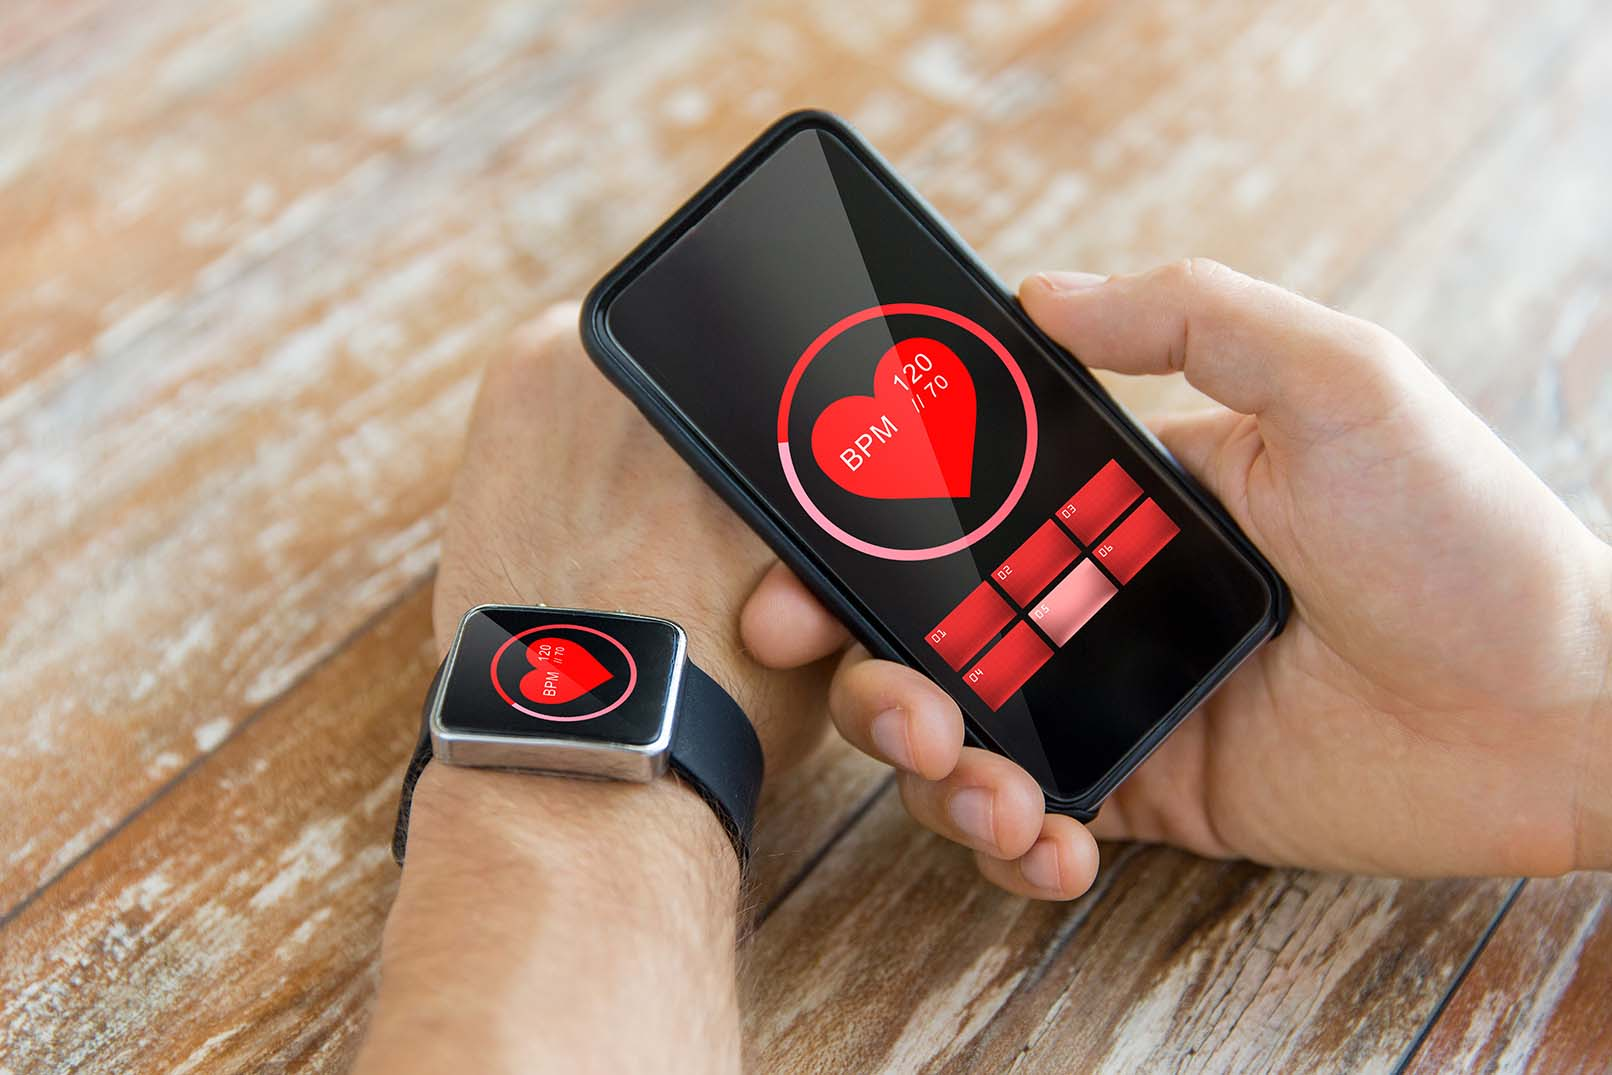 A IoT na medicina é aplicada a partir de dispositivos vestíveis, que coletam informações por meio de sensores. O aparelho extrai informações do paciente e armazena, possibilitando análises mais detalhadas.